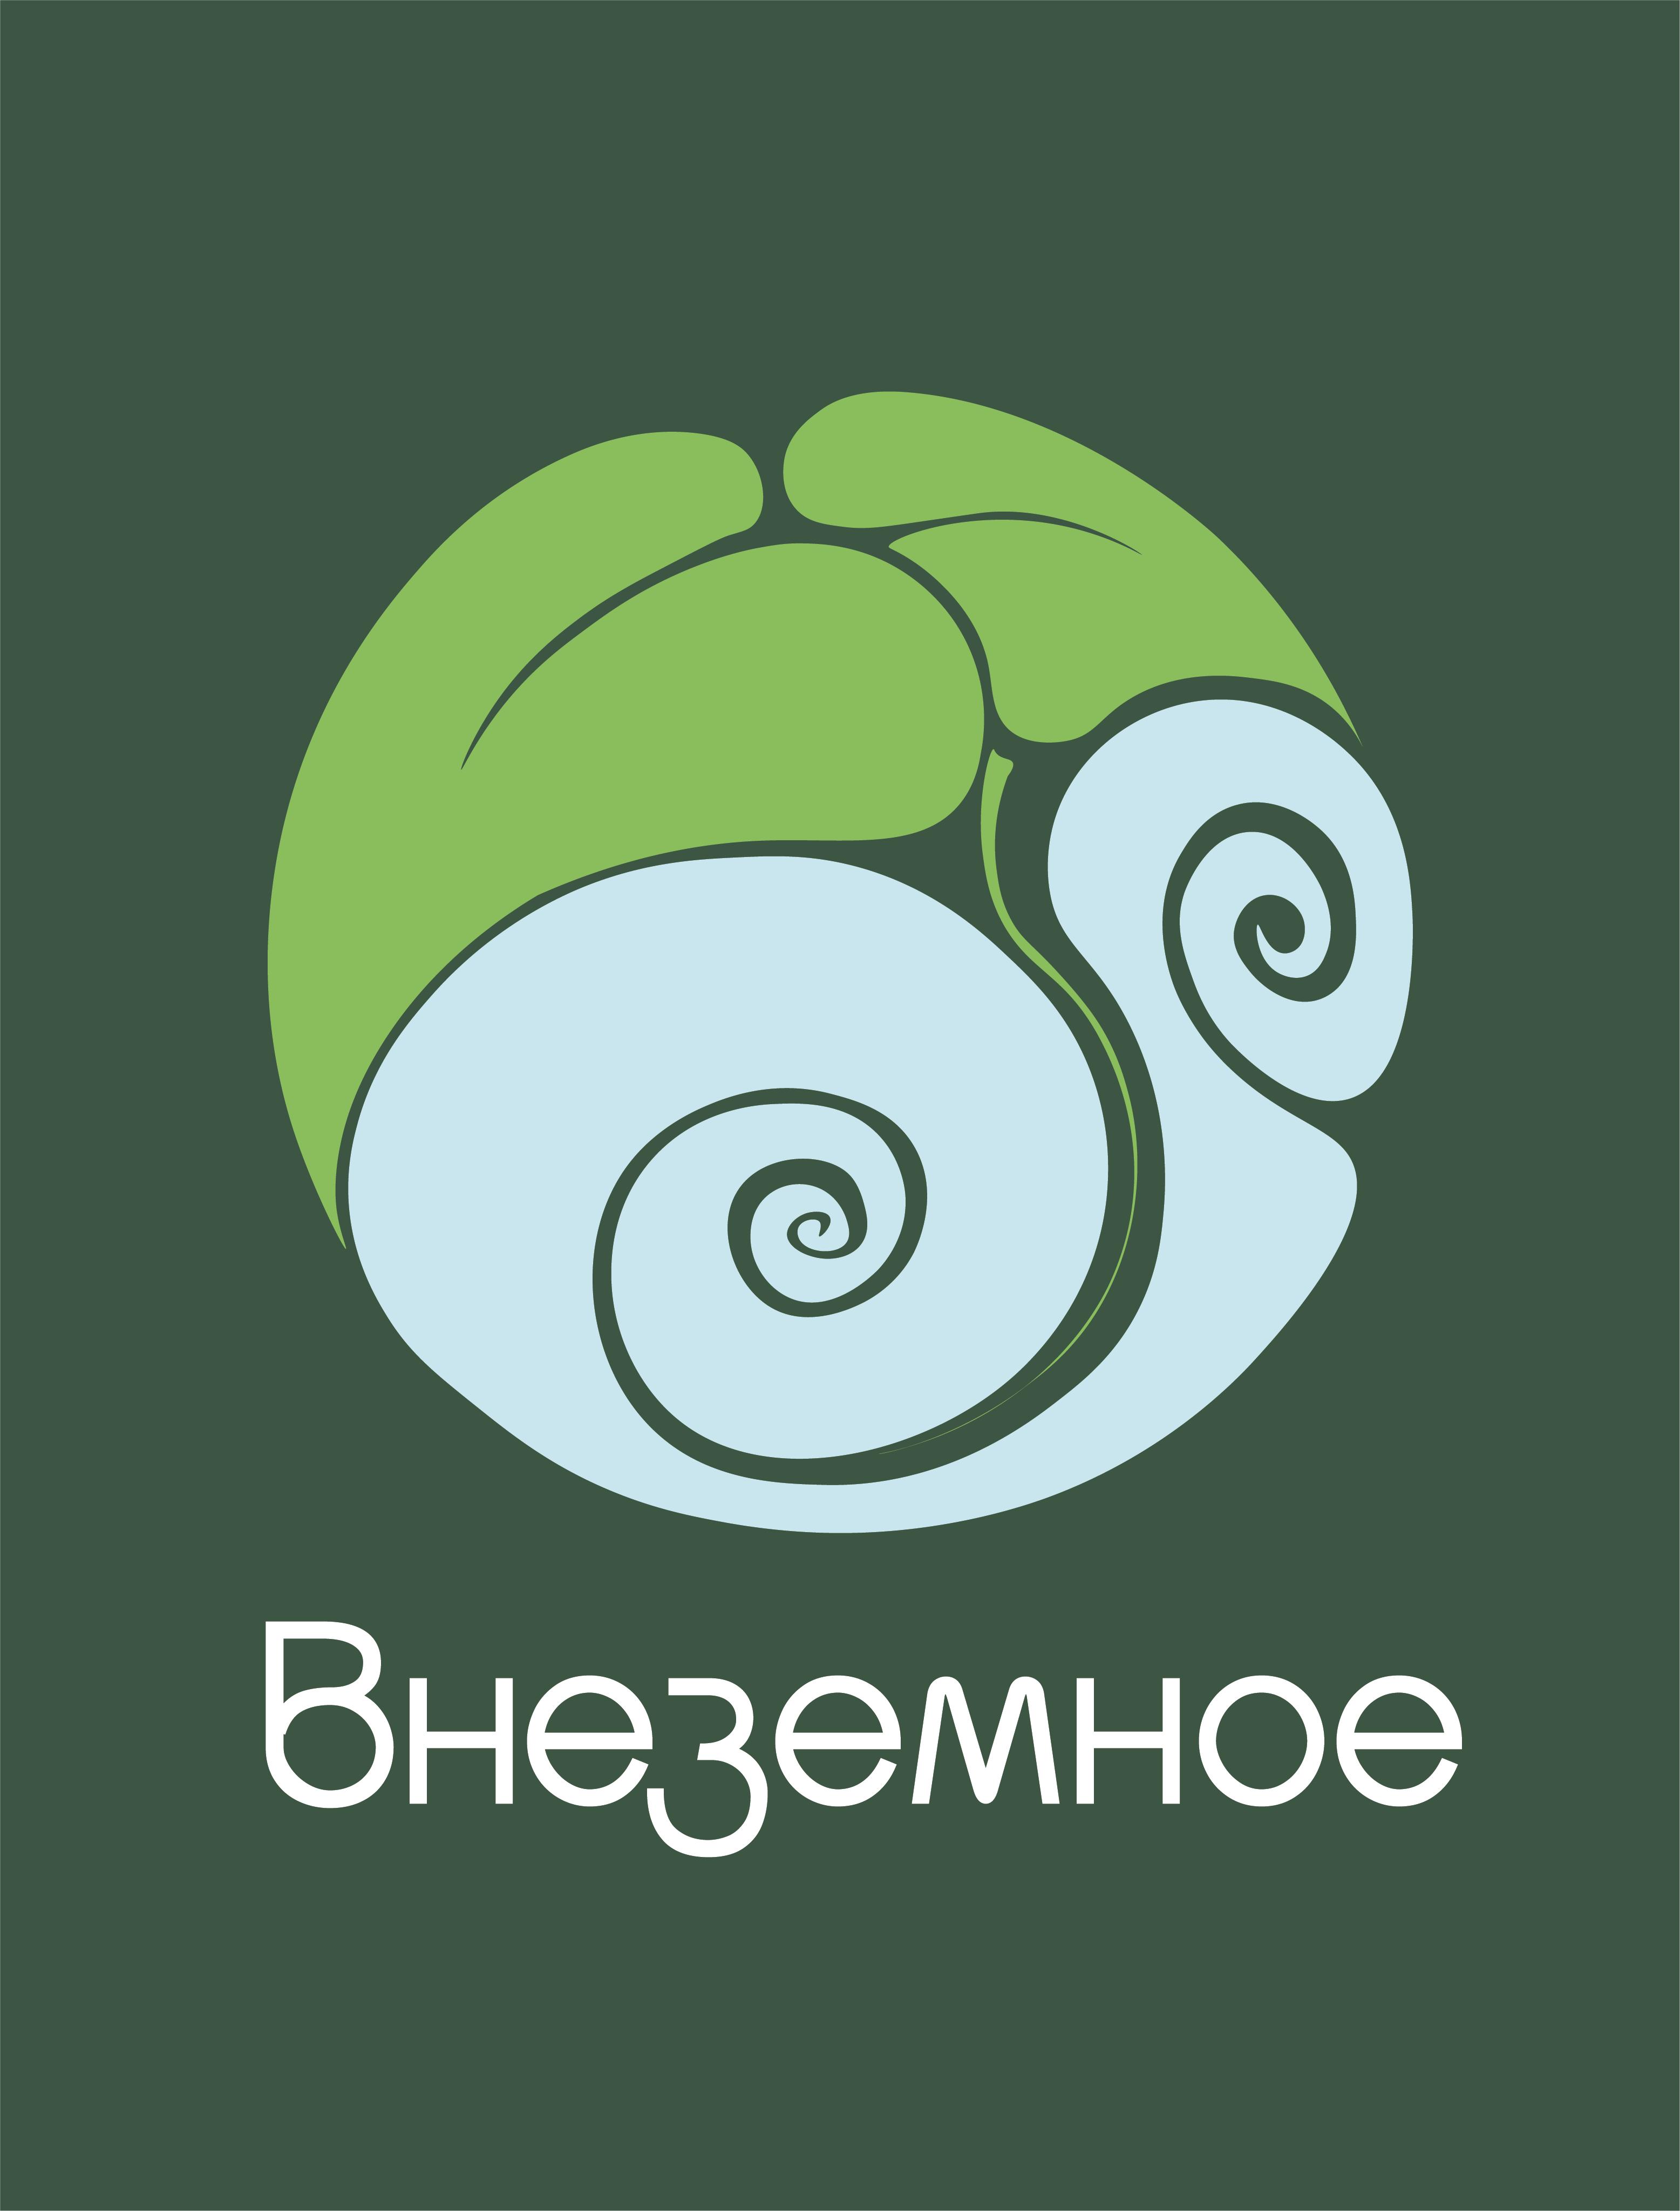 """Логотип и фирменный стиль """"Внеземное"""" фото f_0255e7c2d038fed2.png"""